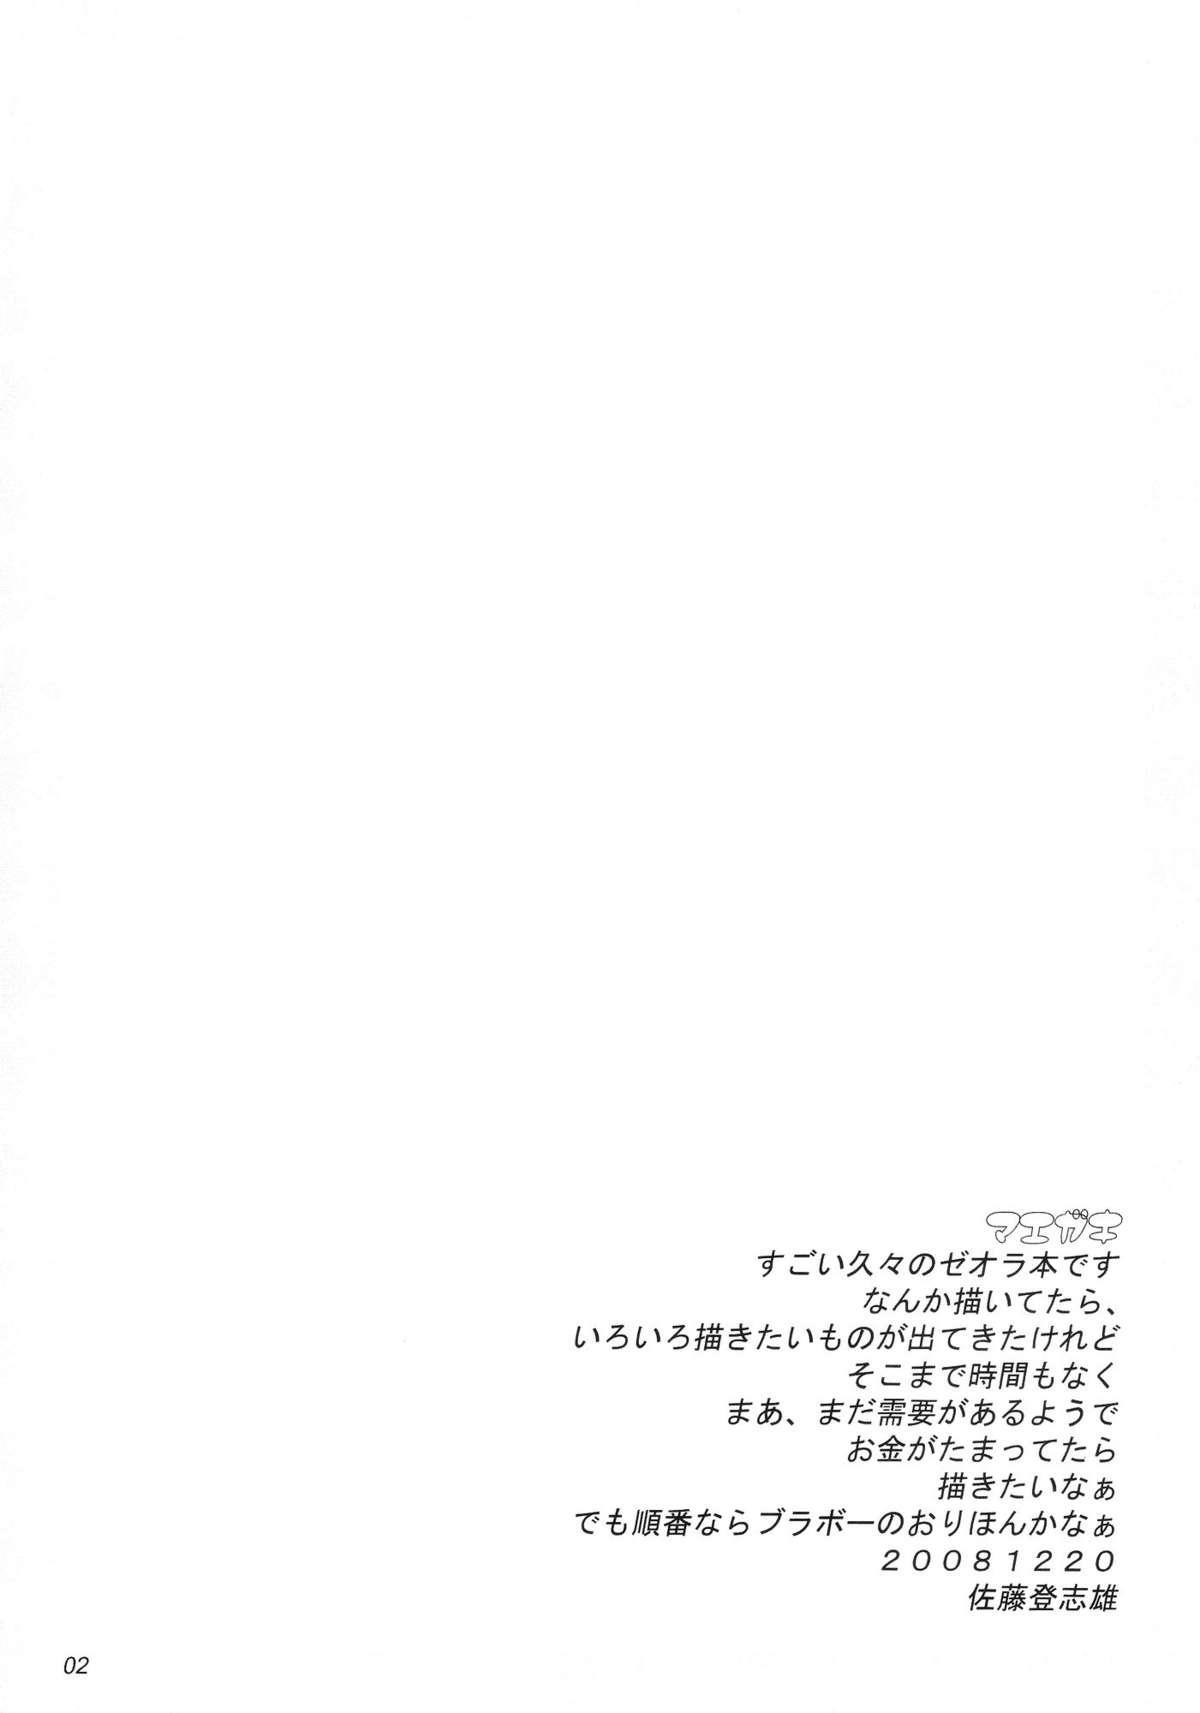 ai nado to iu mono de wa nakute 04.3 1